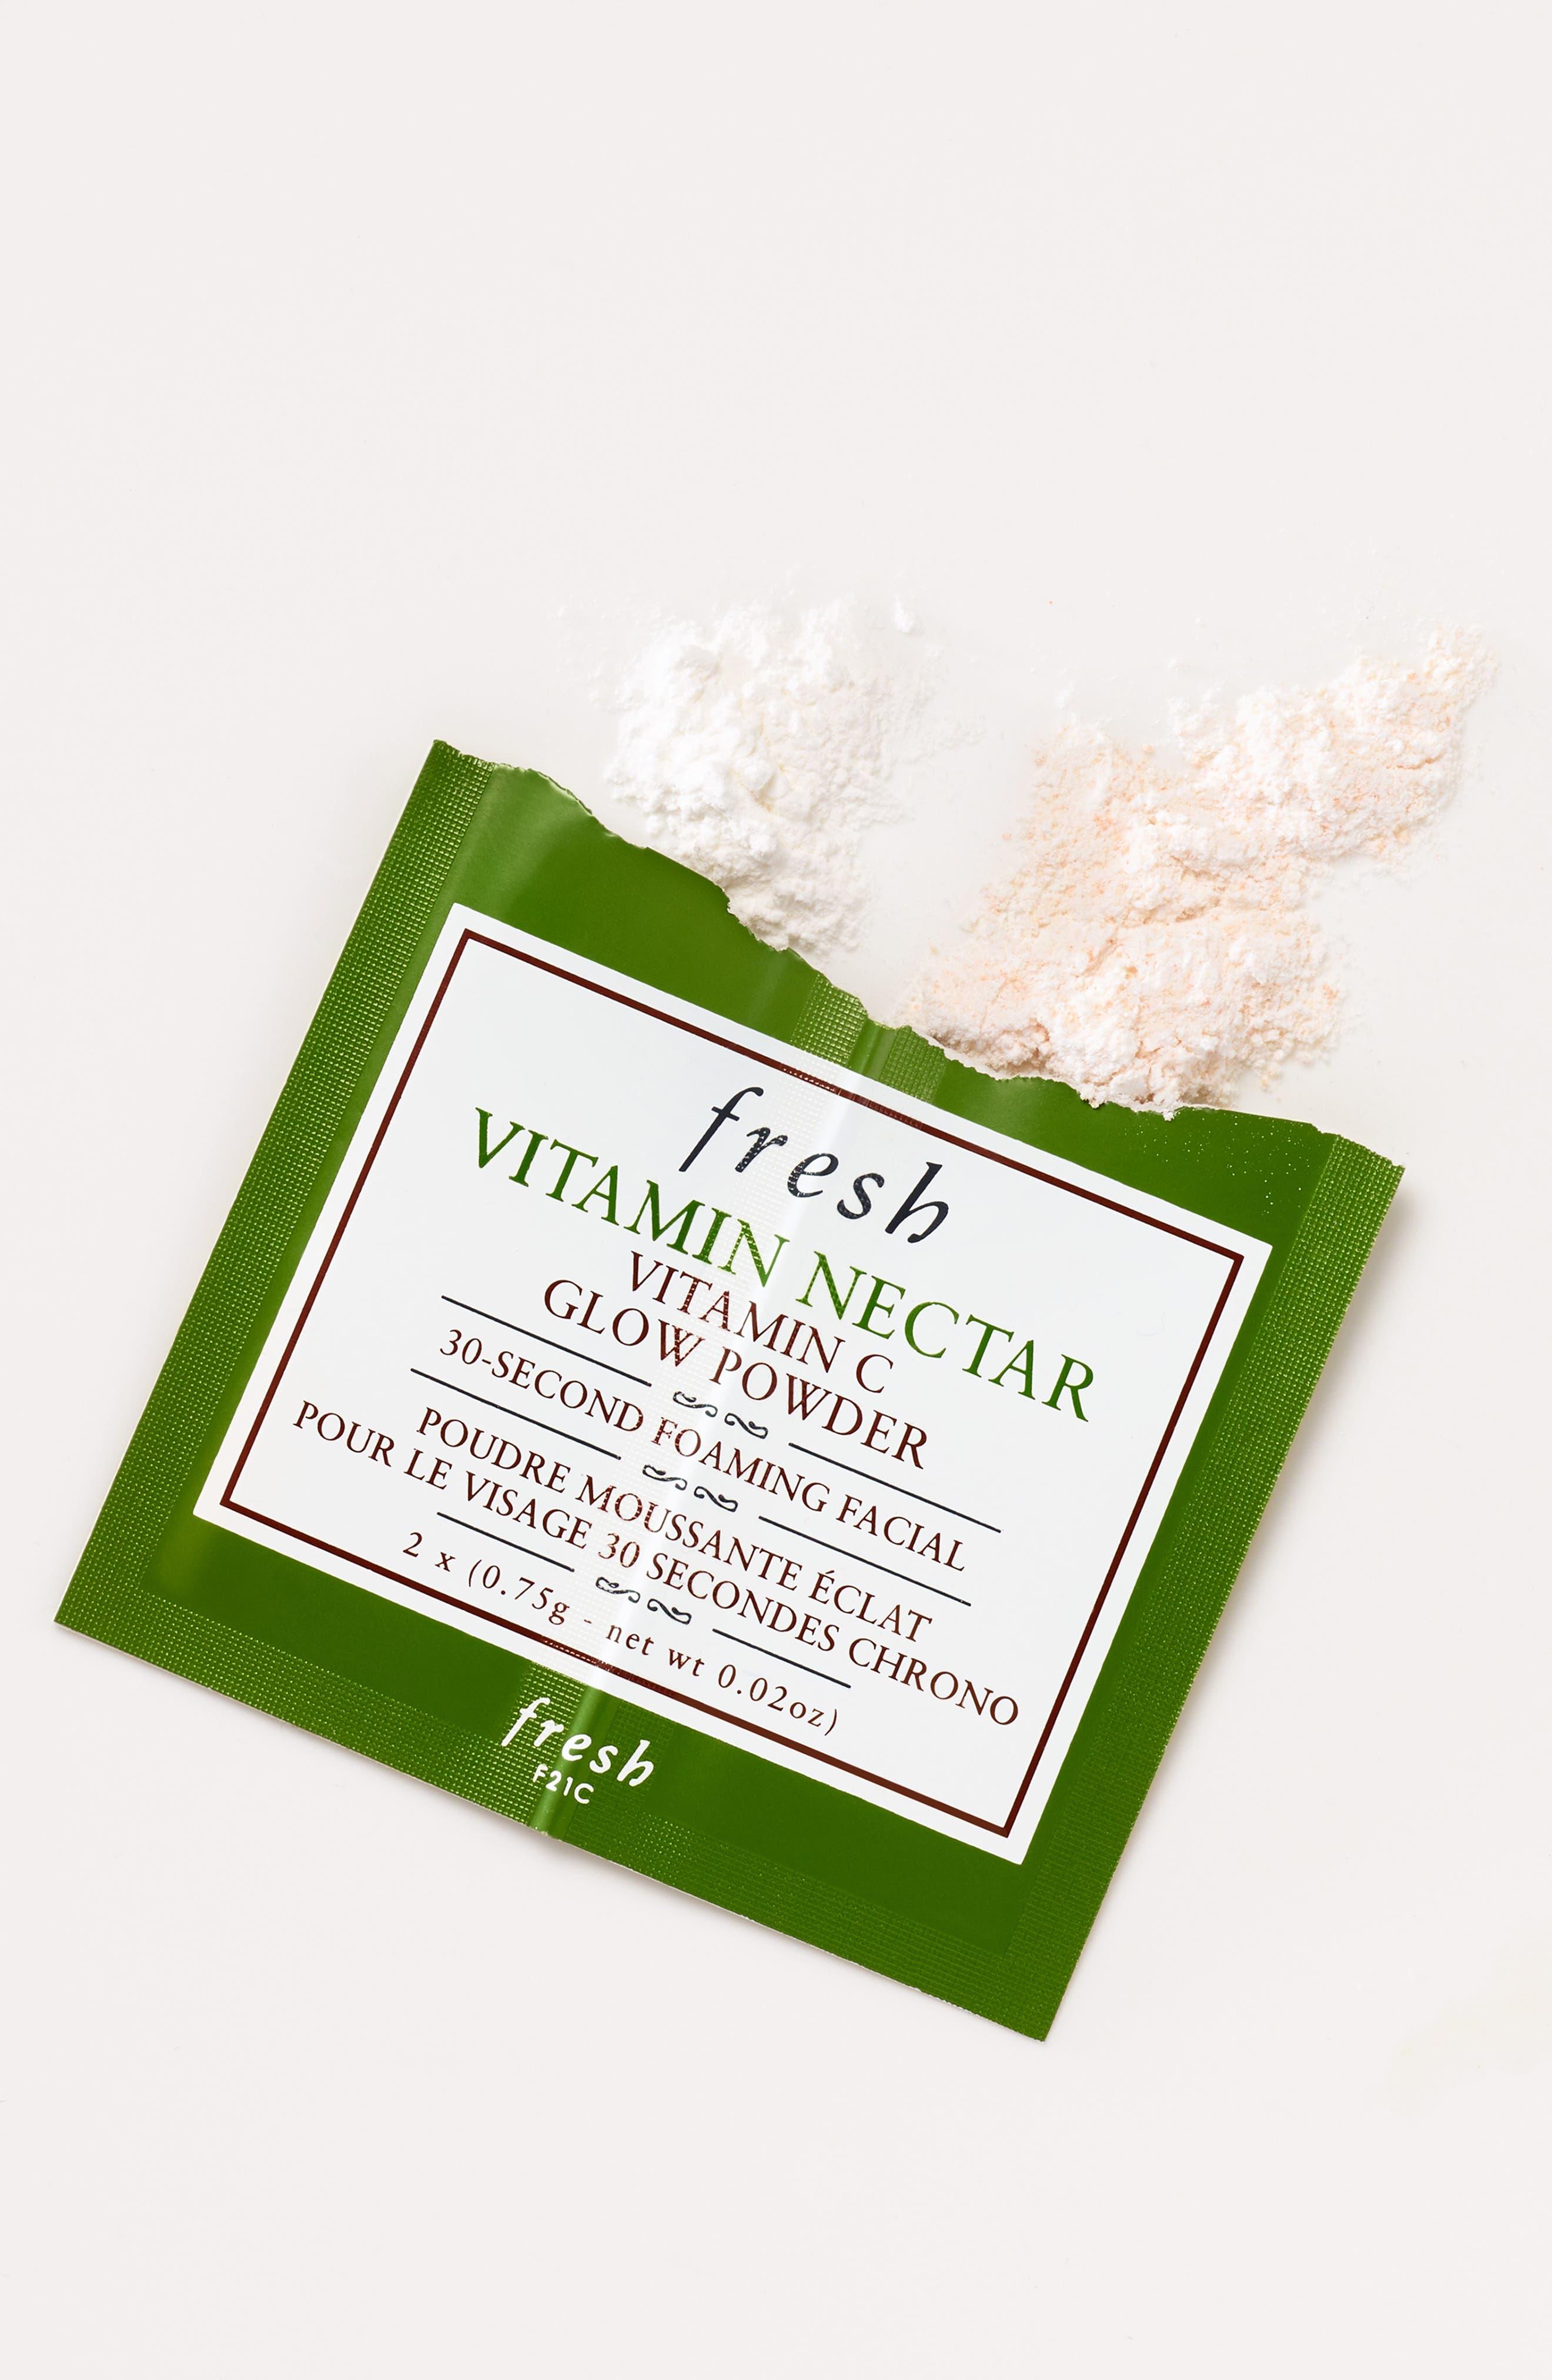 Vitamin Nectar Glow Powder,                             Alternate thumbnail 2, color,                             NO COLOR